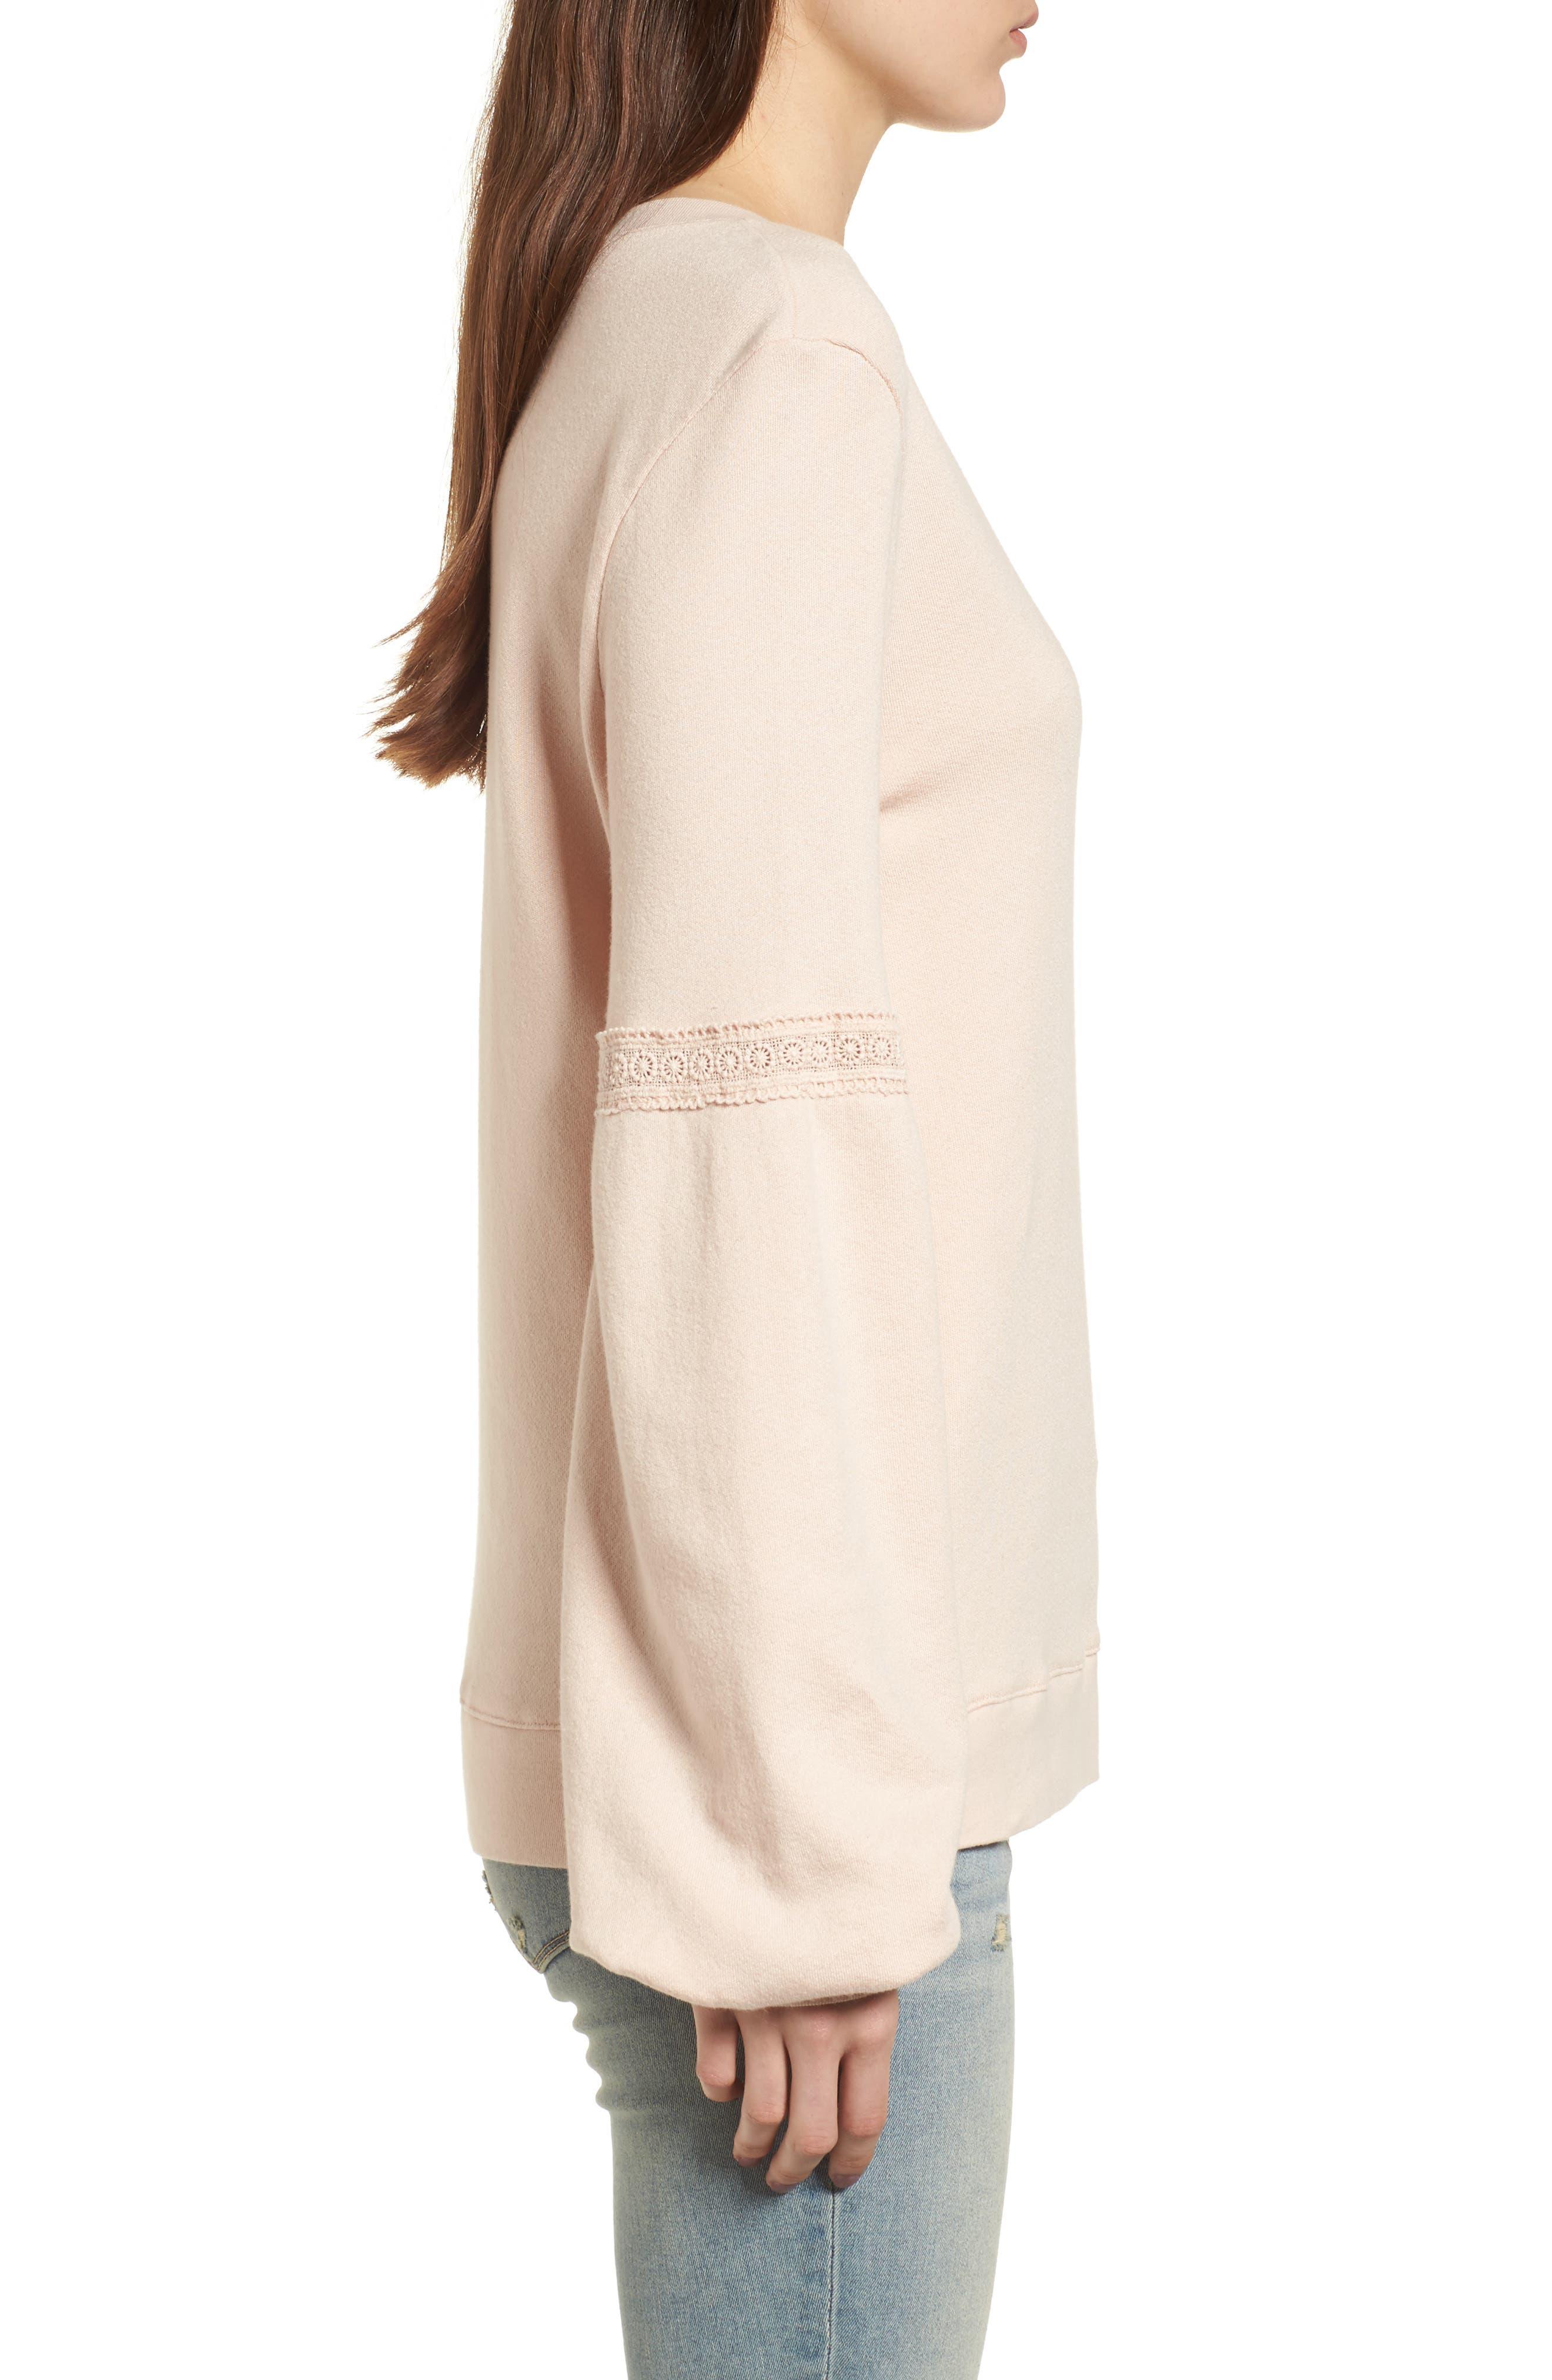 Blouson Sleeve Sweatshirt,                             Alternate thumbnail 3, color,                             Ivory Shell